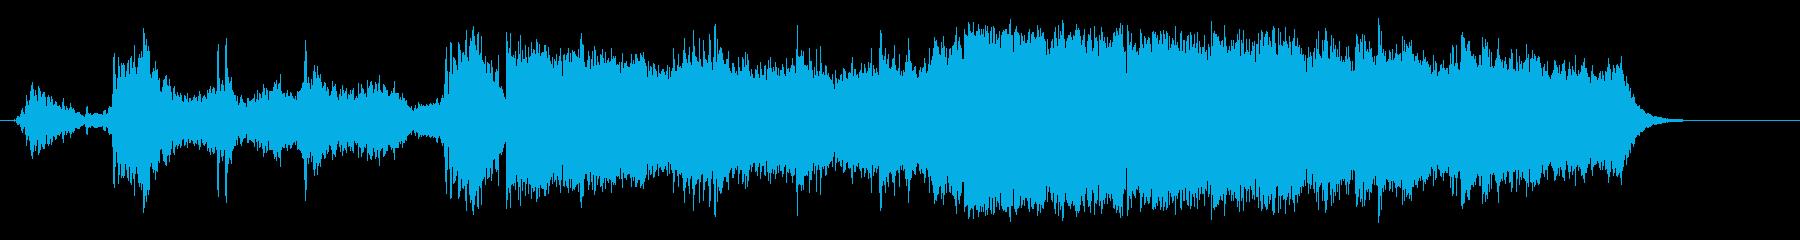 環境音楽(山岳ドキュメント・タッチ)の再生済みの波形